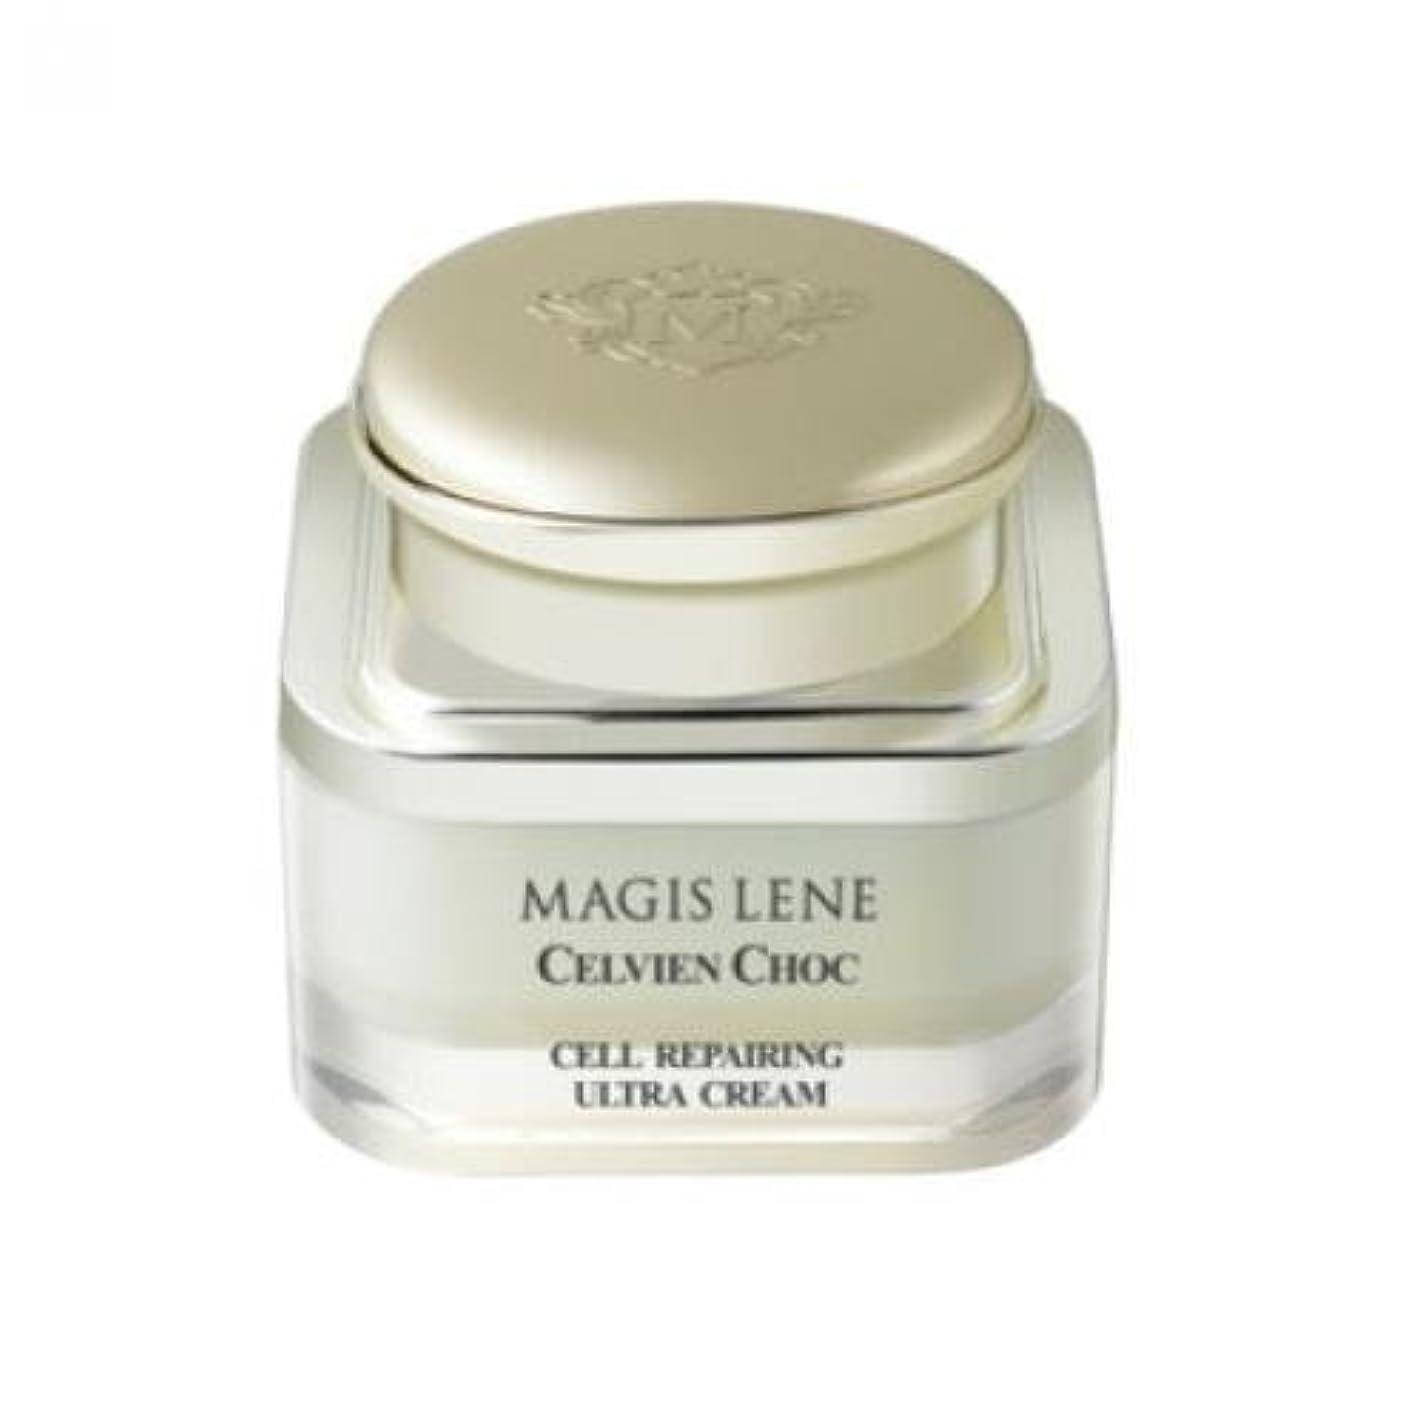 無声で蓮安心Magis Celvien Choc Cell Repairing Ultra Cream/ Made in Korea